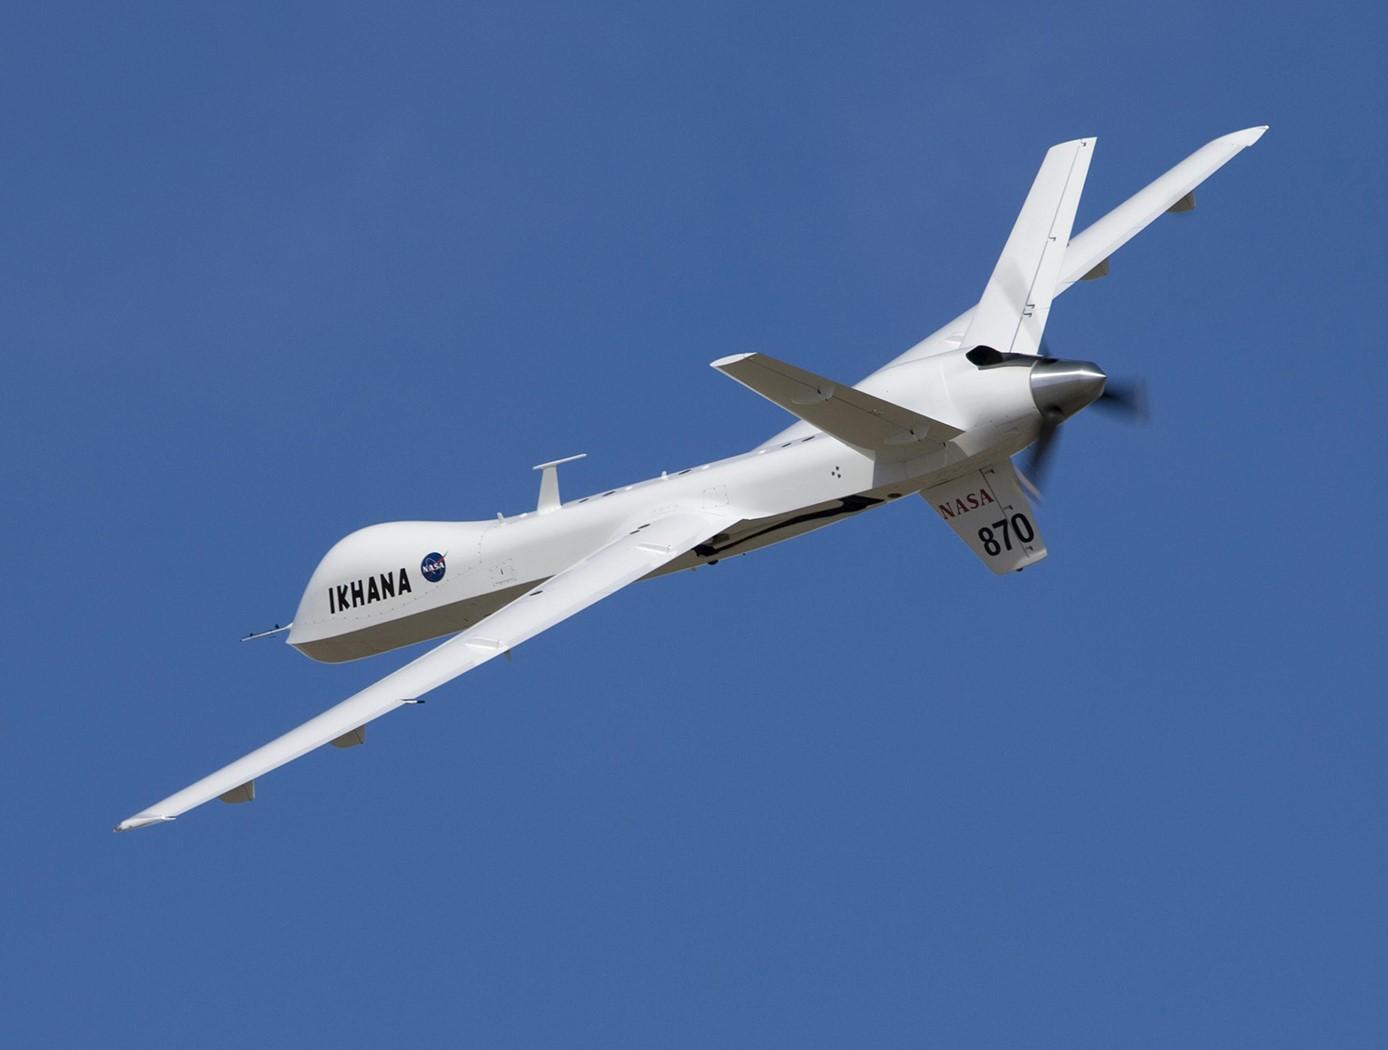 nasa aircraft inventory - HD1388×1050